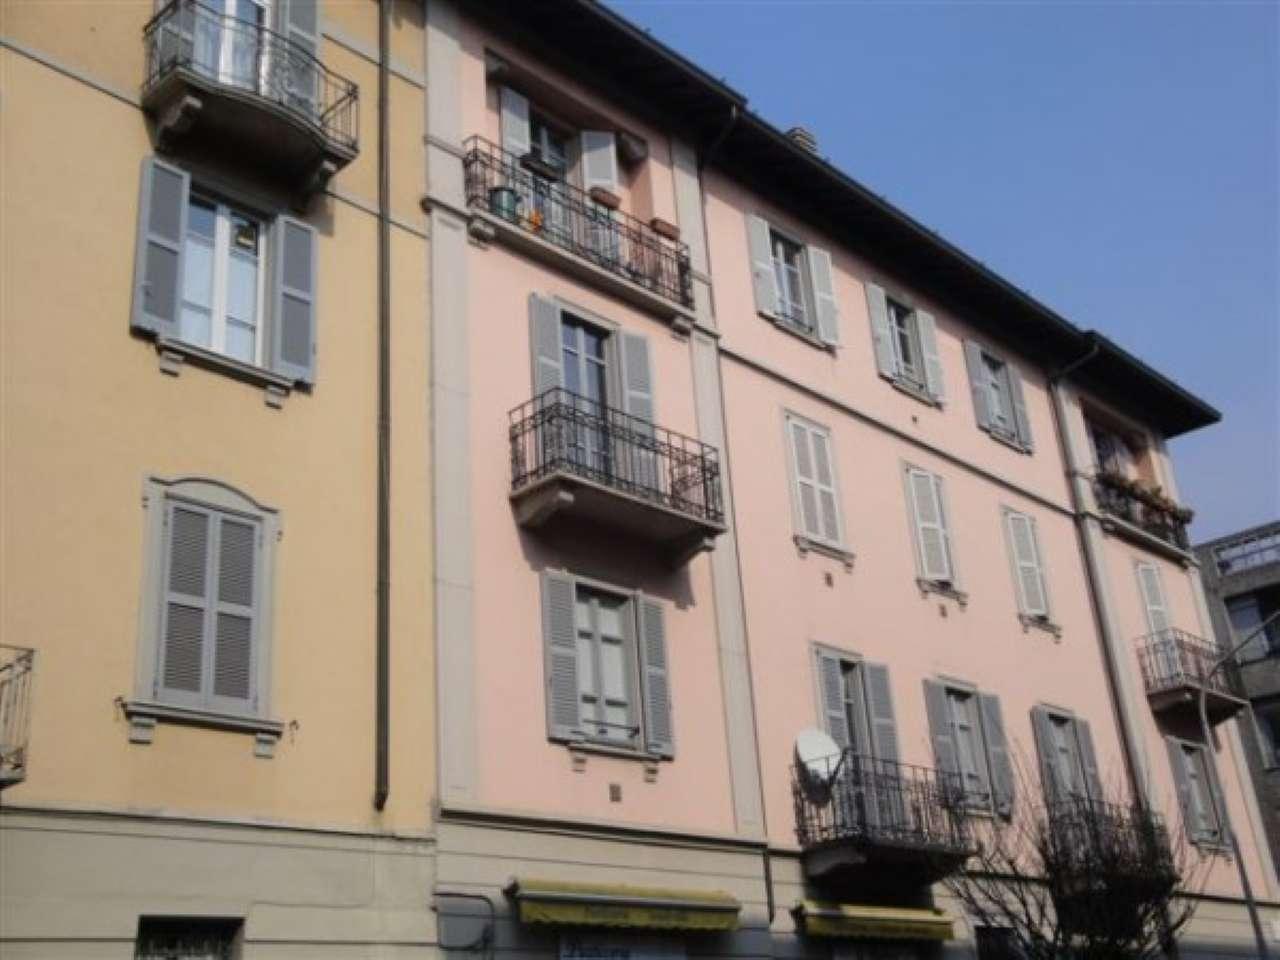 Appartamento in vendita a Como, 4 locali, zona Zona: 5 . Borghi, prezzo € 460.000   CambioCasa.it